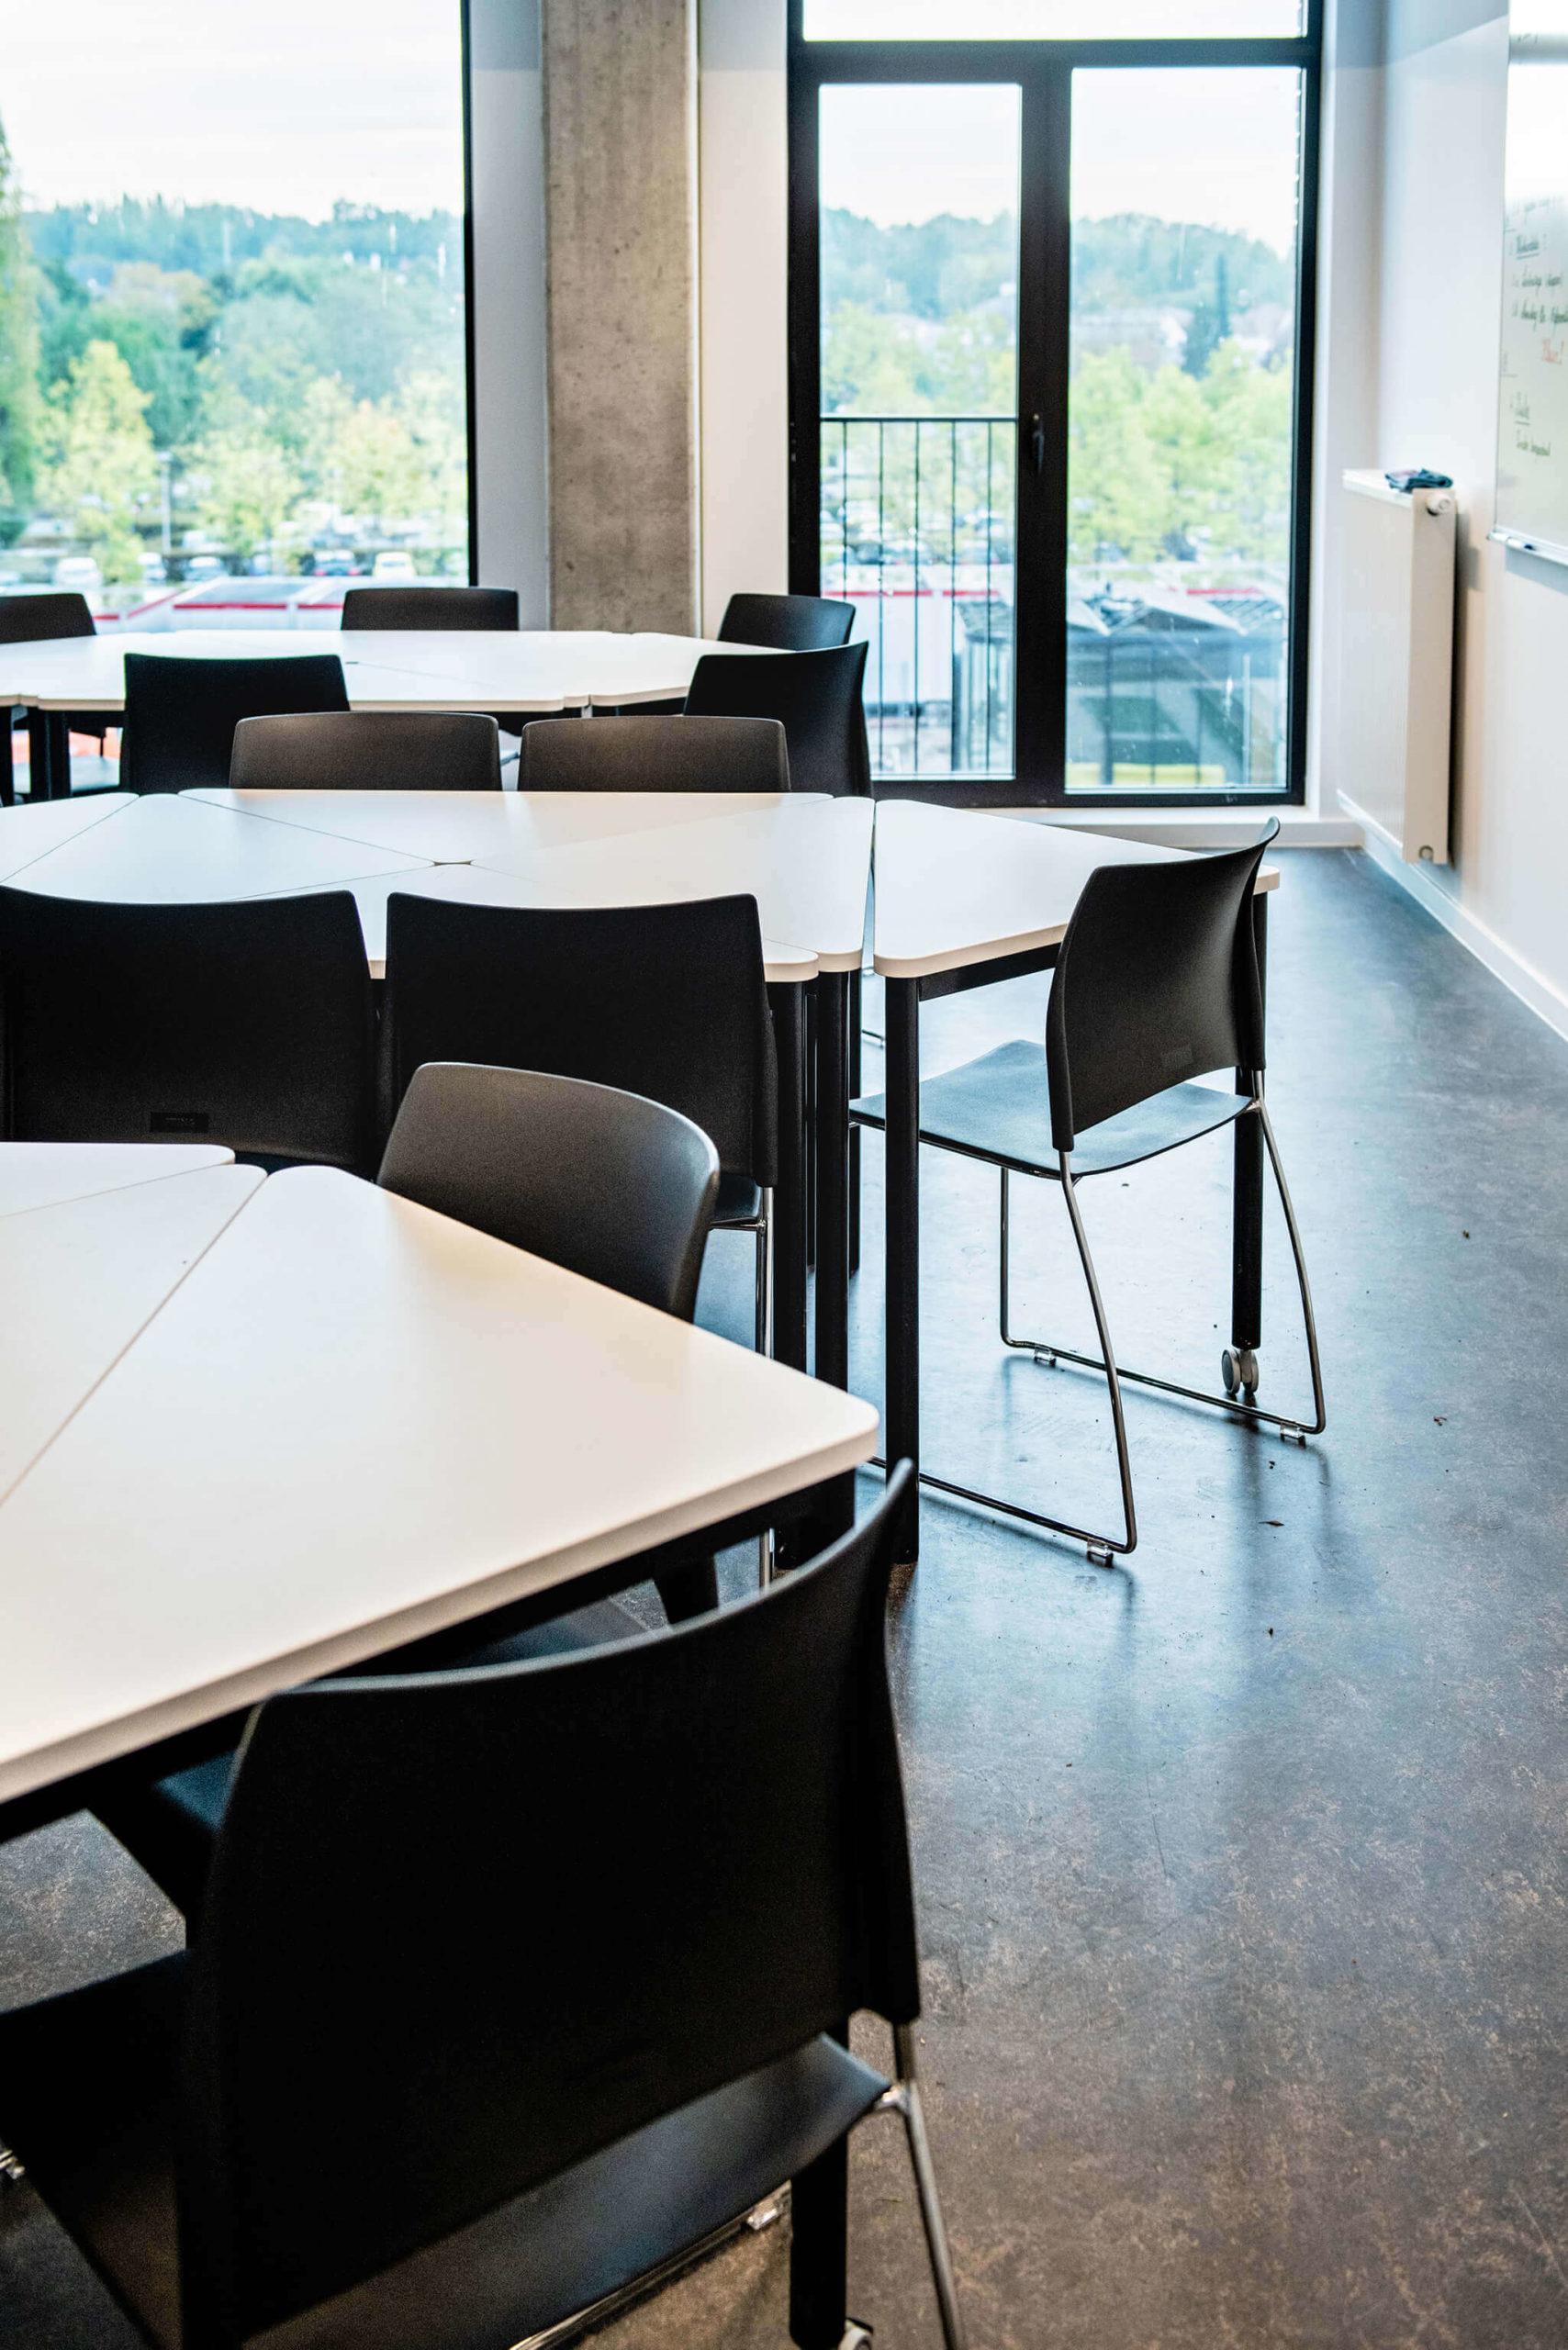 Leslokaal bij Vives Kortrijk met stapelbare stoelen en unieke mobiele driehoekige tafels.